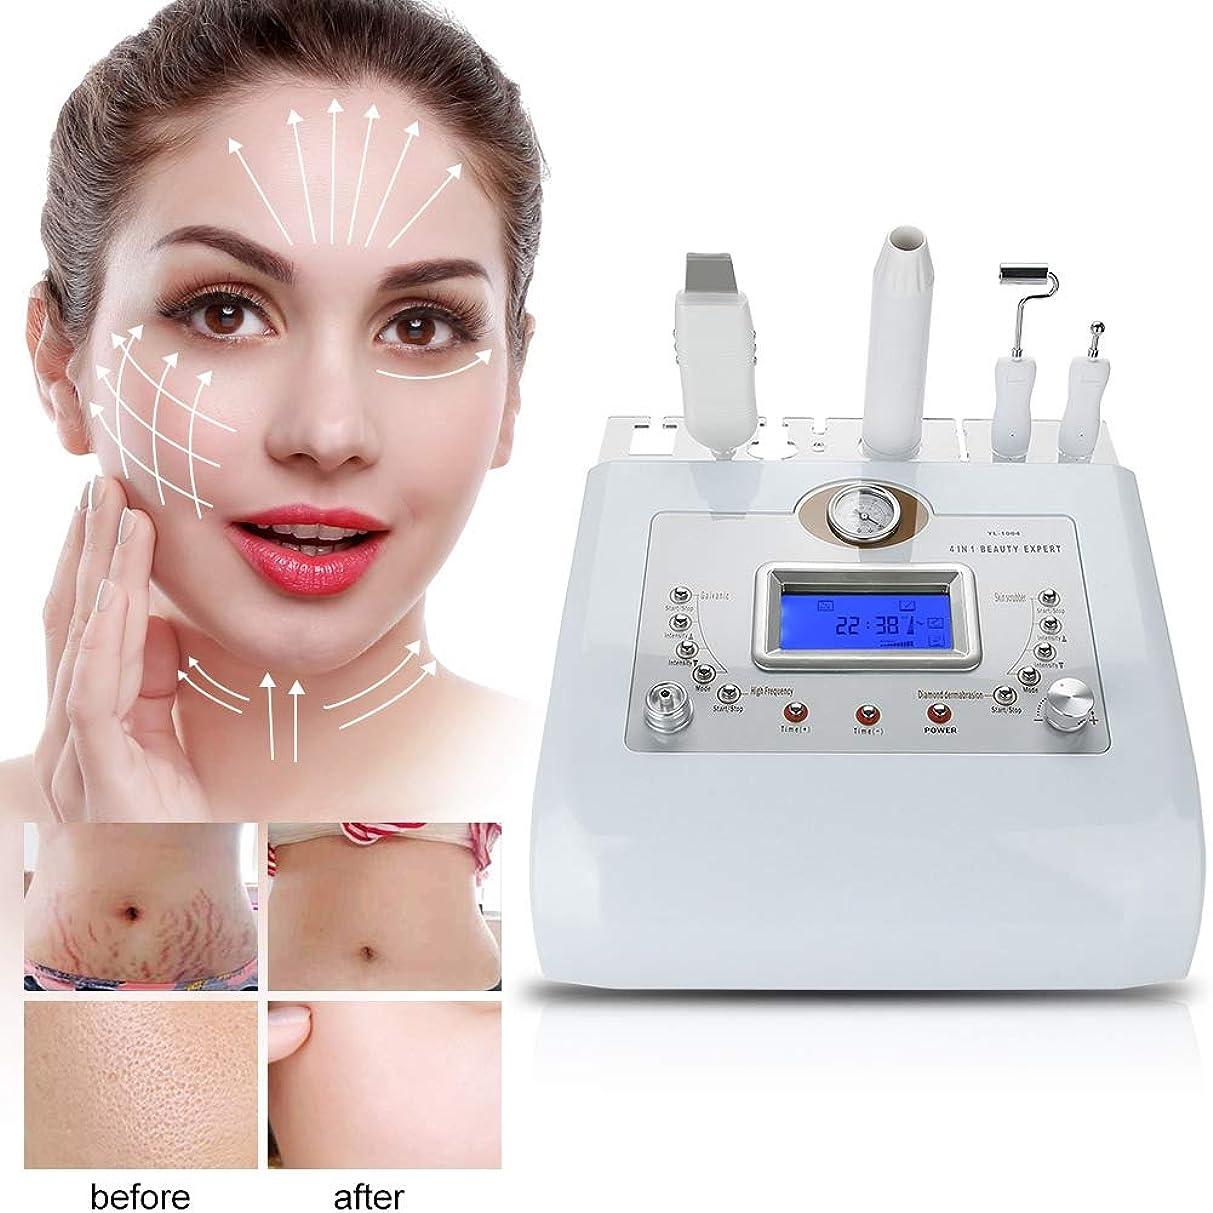 ラッチ伝統的年次4-in-1ダイヤモンド皮膚剥離美容機、SPA用美容室用機器トナー、RF +超音波+スキンスクラバー+ EMS電気治療 (白)